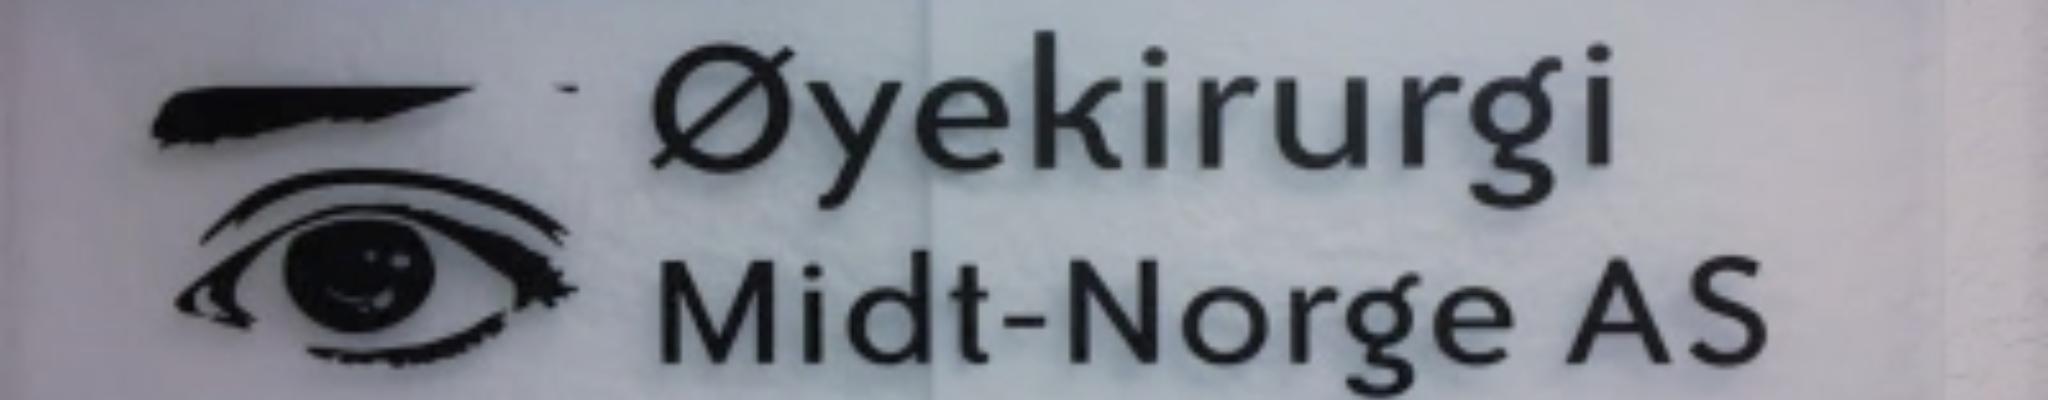 Bannerbilde som viser noe helserelatert